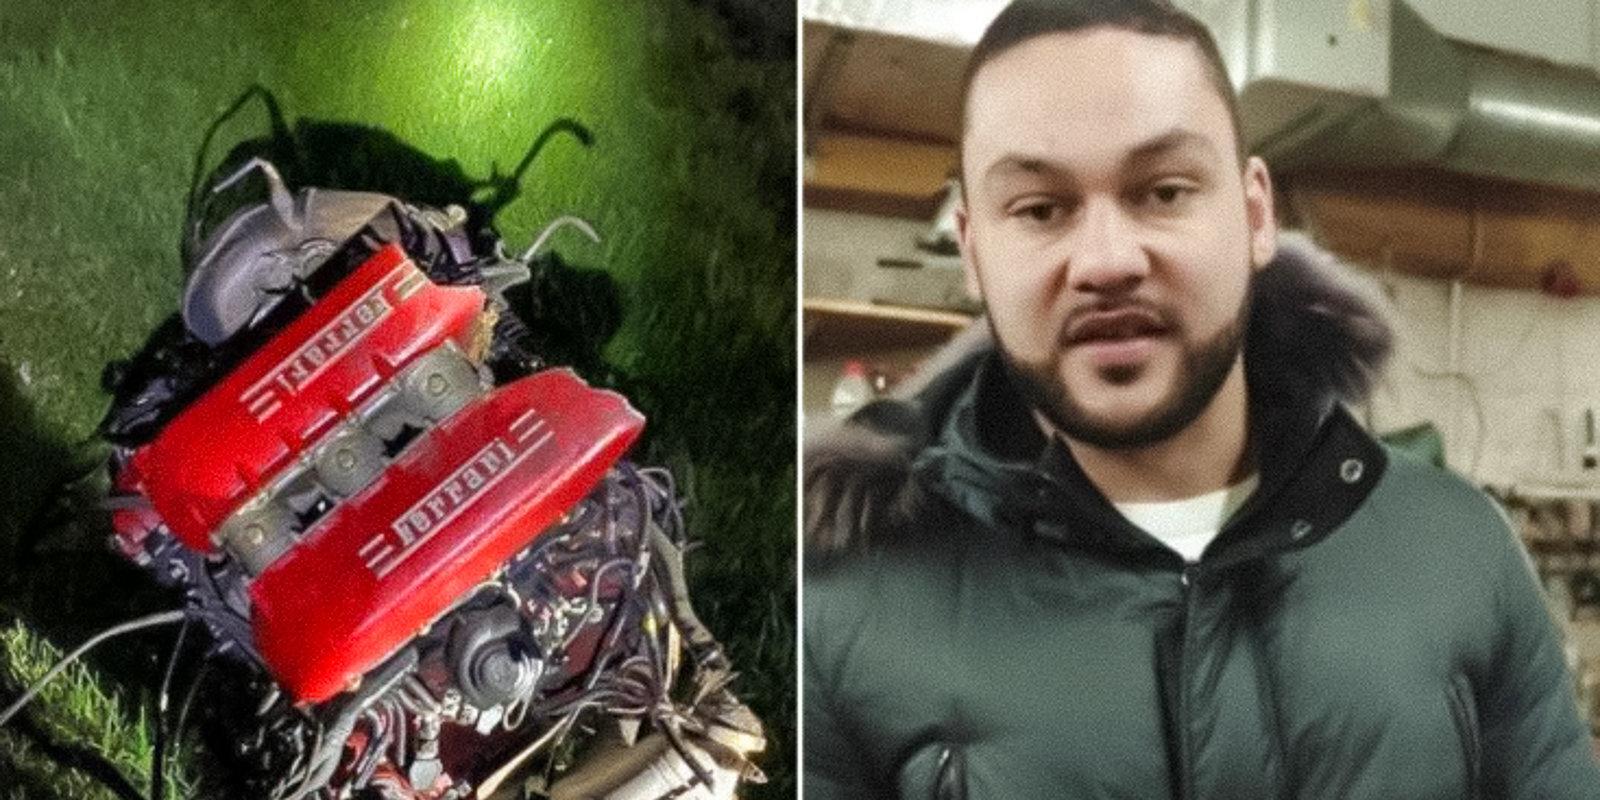 'Viņš mīlēja ātrumu un dzīvi' — traģiskajā 'Ferrari' avārijā Salaspilī bojā gājis vīrs ar sievu